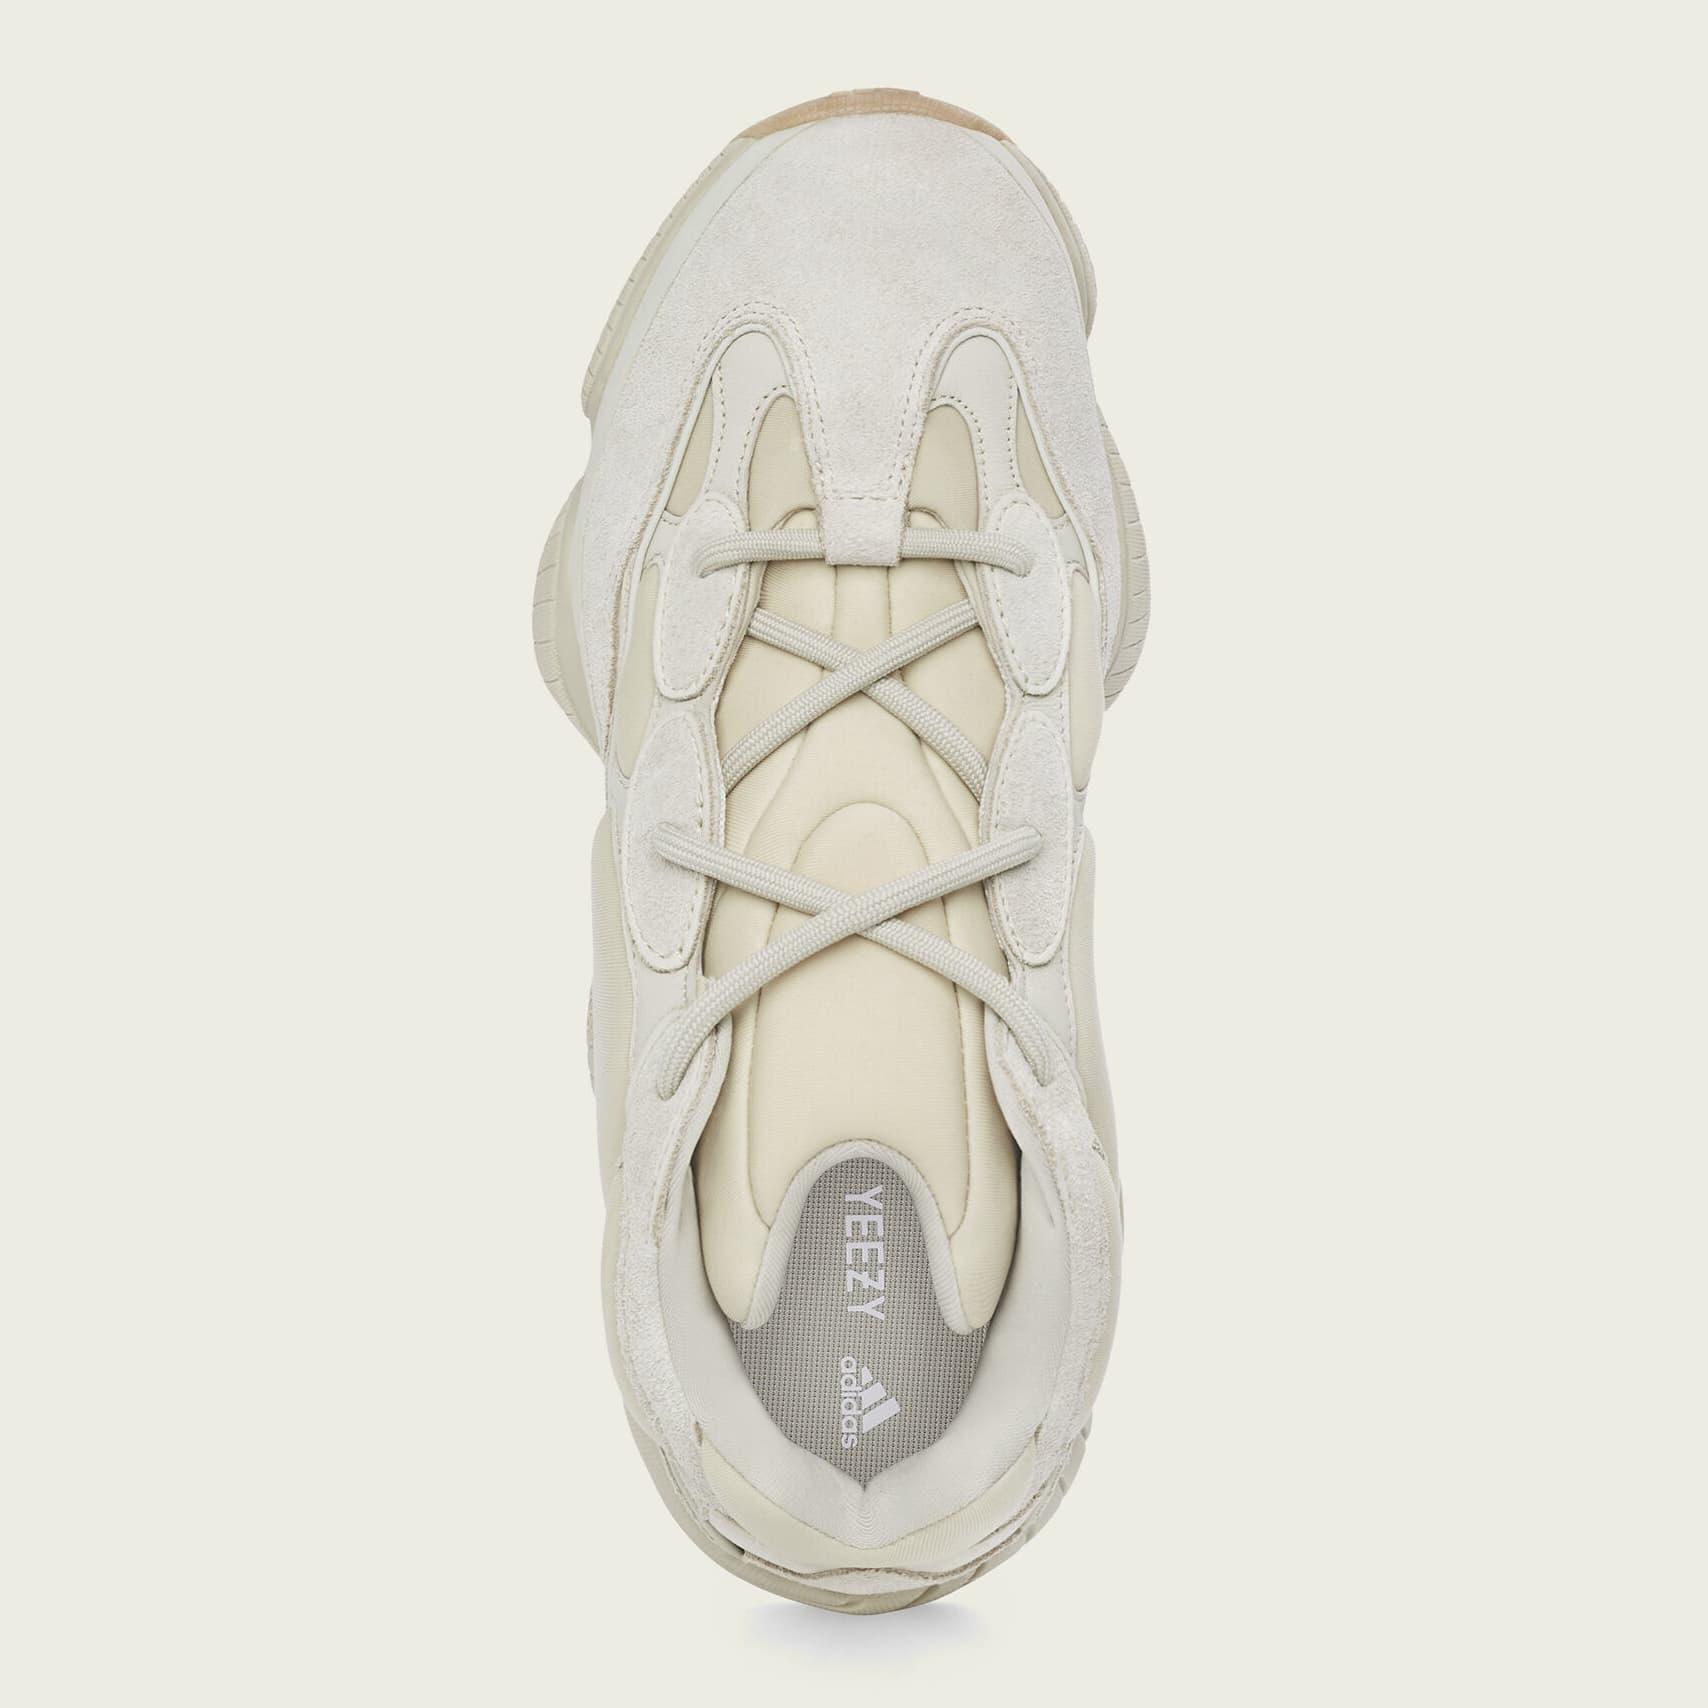 adidas-yeezy-500-stone-fw4839-top